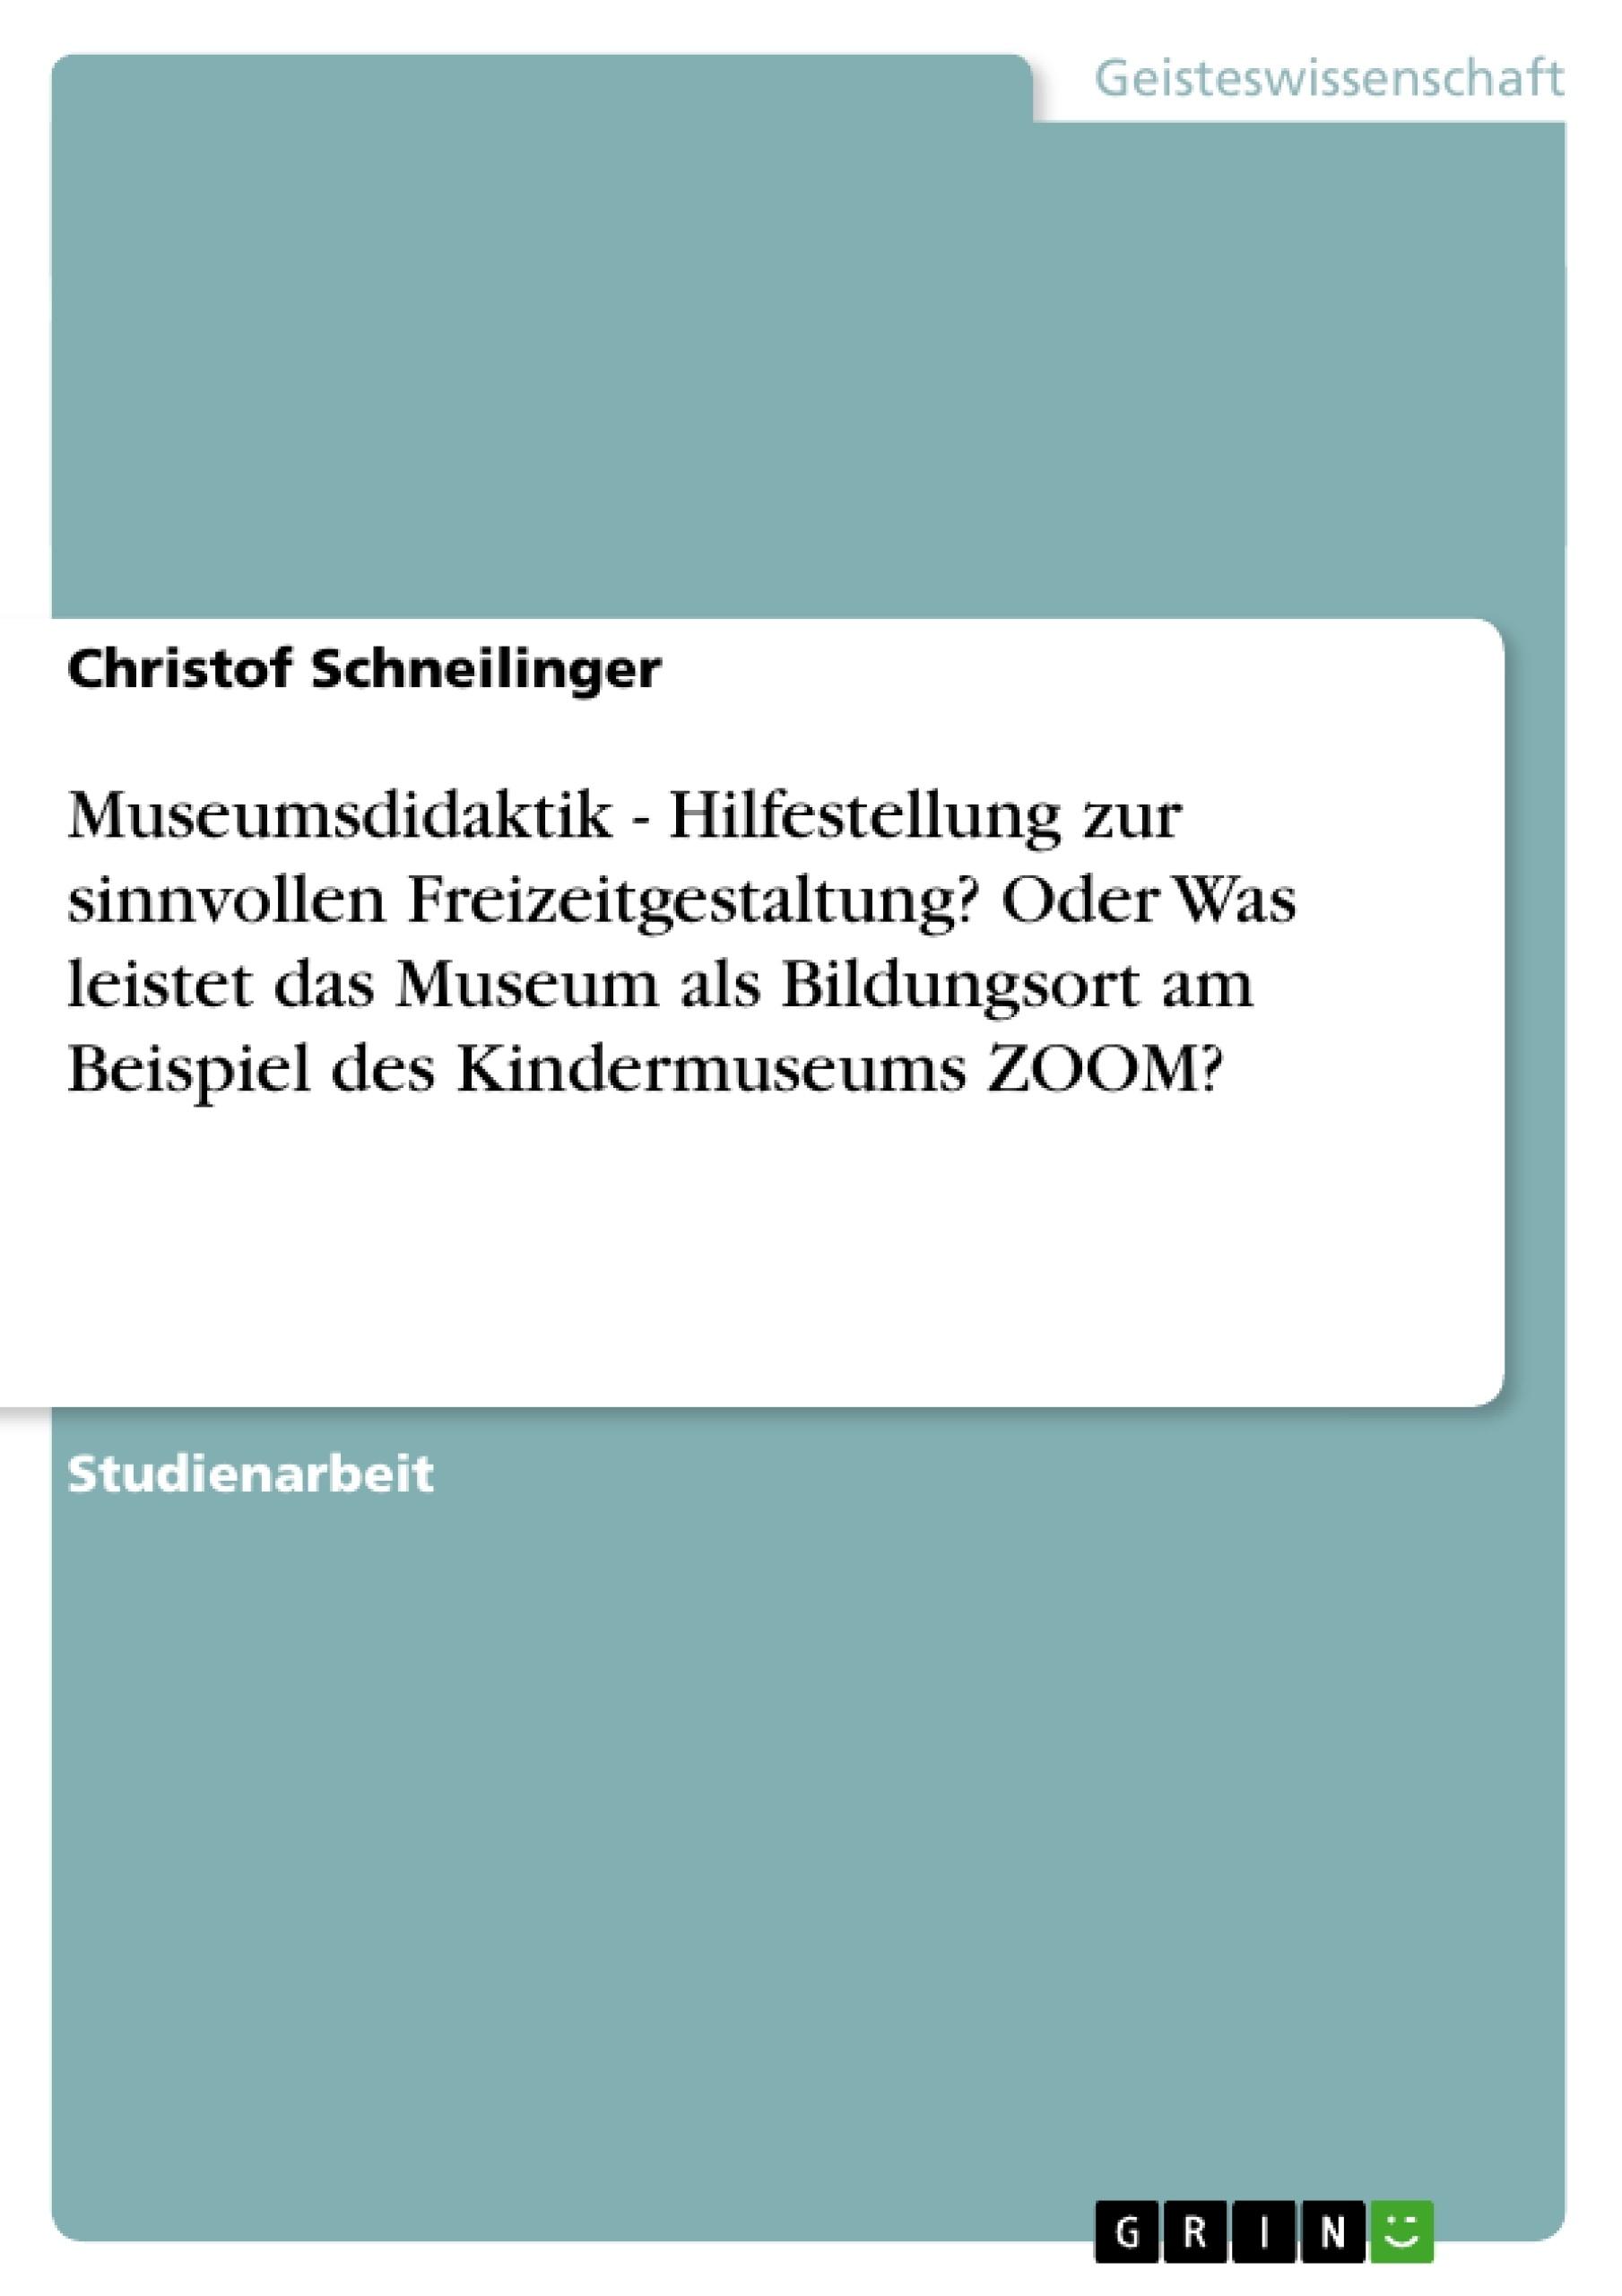 Titel: Museumsdidaktik - Hilfestellung zur sinnvollen Freizeitgestaltung? Oder Was leistet das Museum als Bildungsort am Beispiel des Kindermuseums ZOOM?